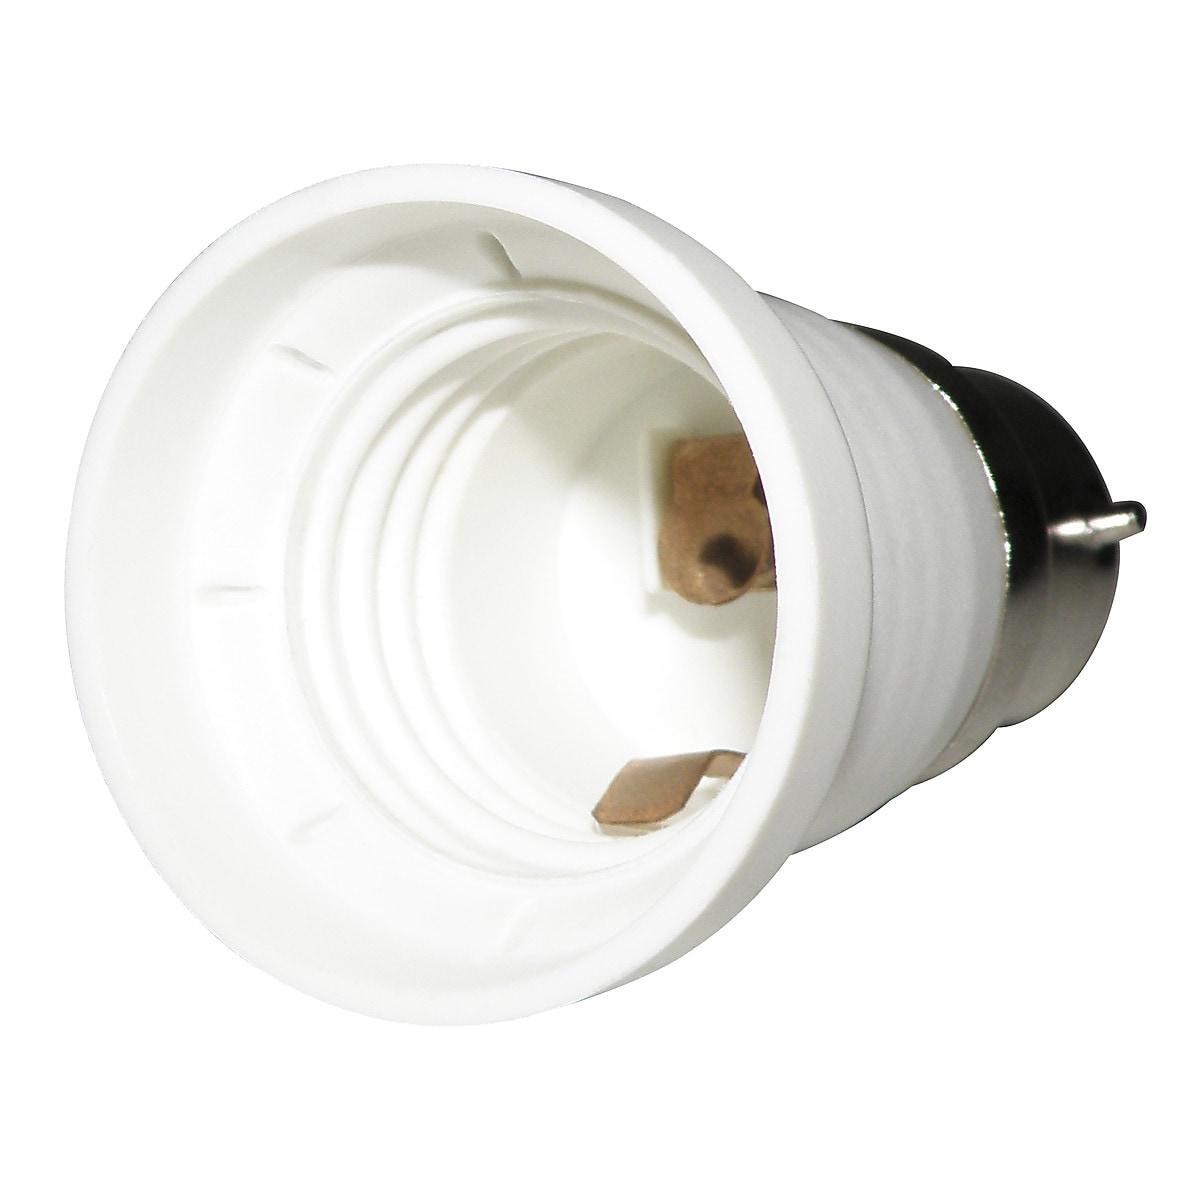 Northlight Light Socket Adaptor